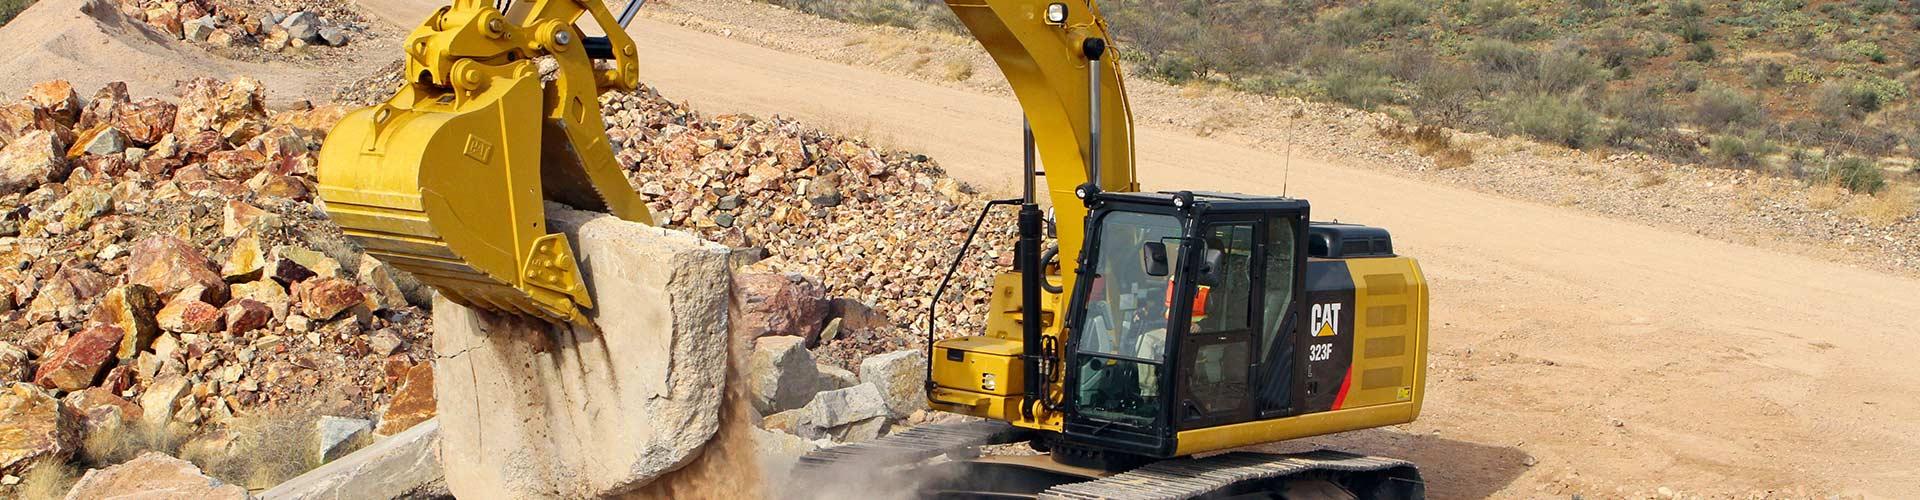 Corso per addetto alla conduzione di escavatori idraulici